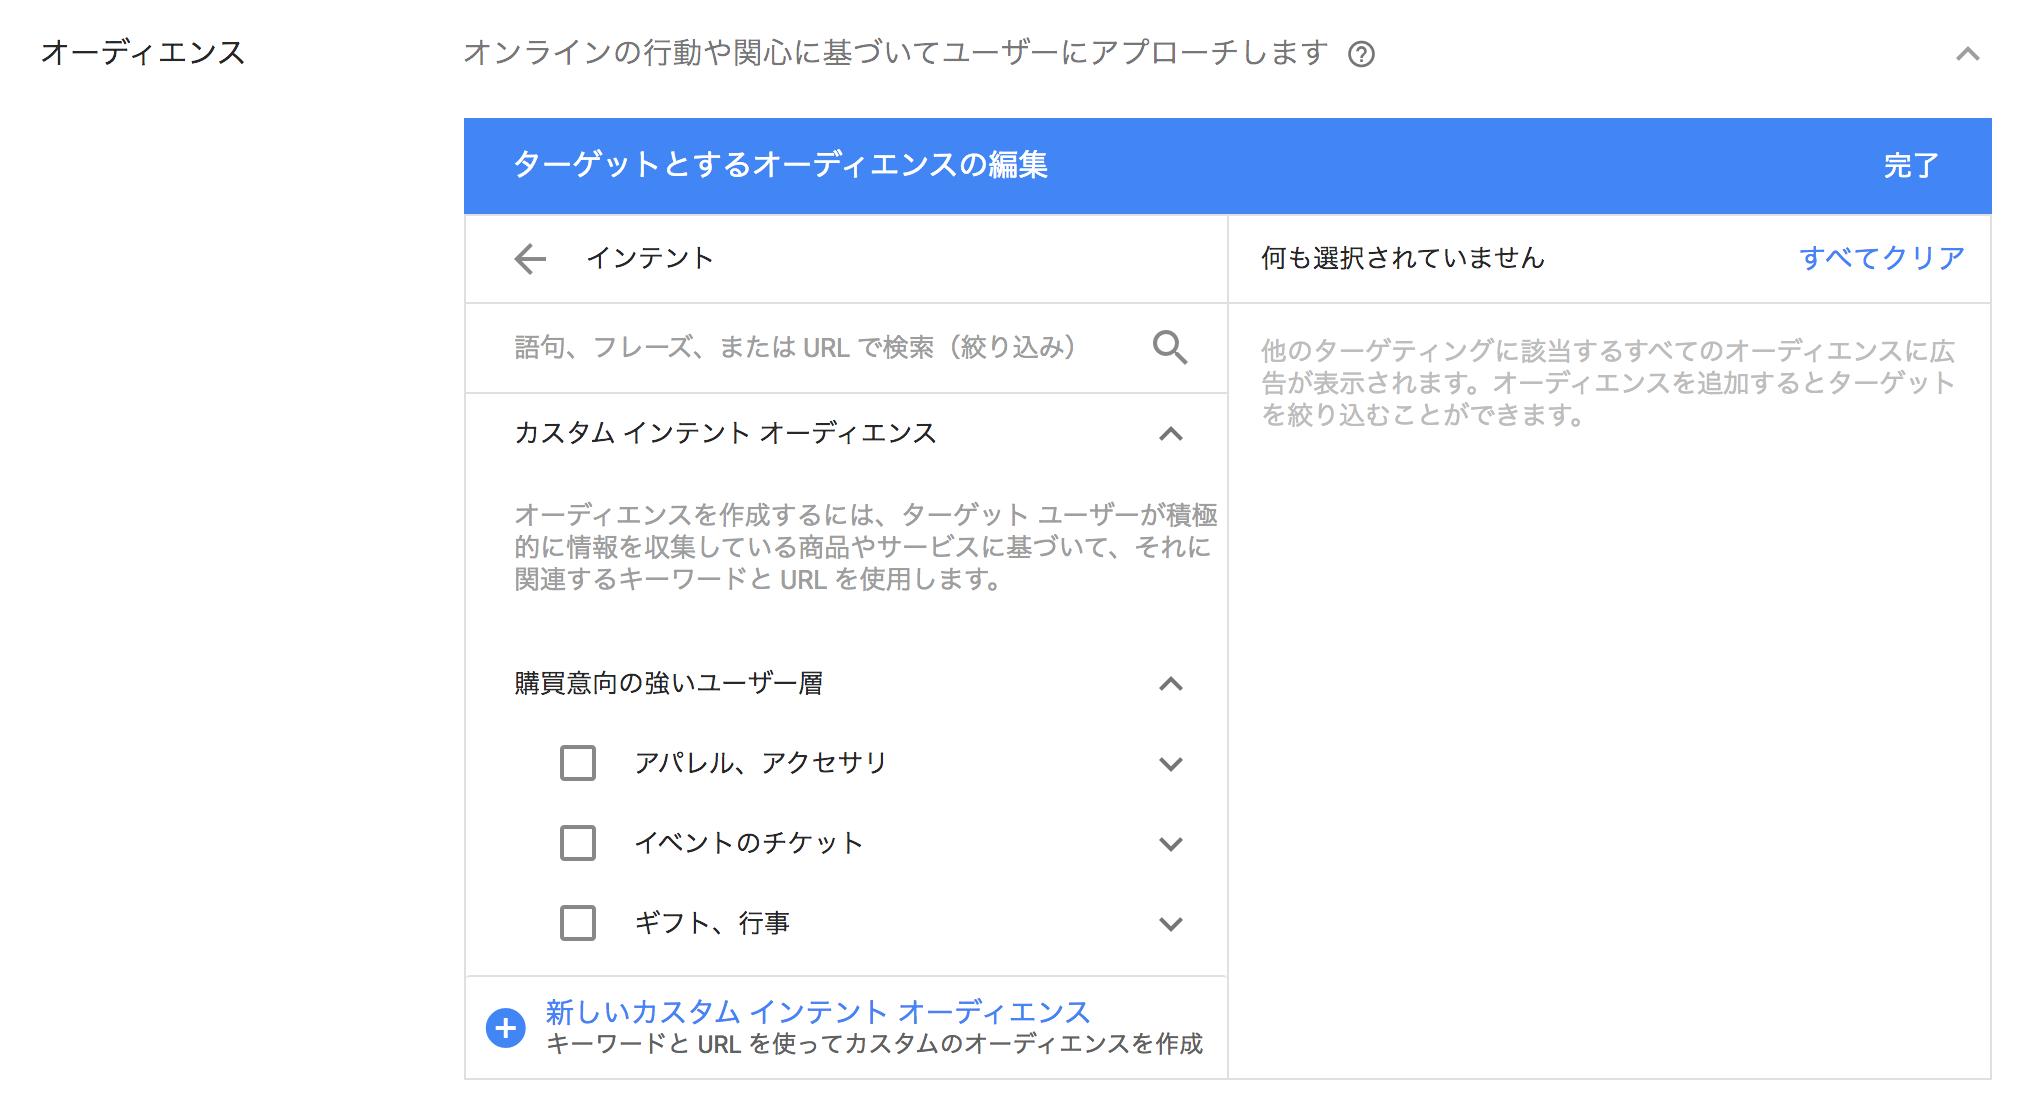 オーディエンスターゲティングの購買意向の強いユーザー層の設定画面